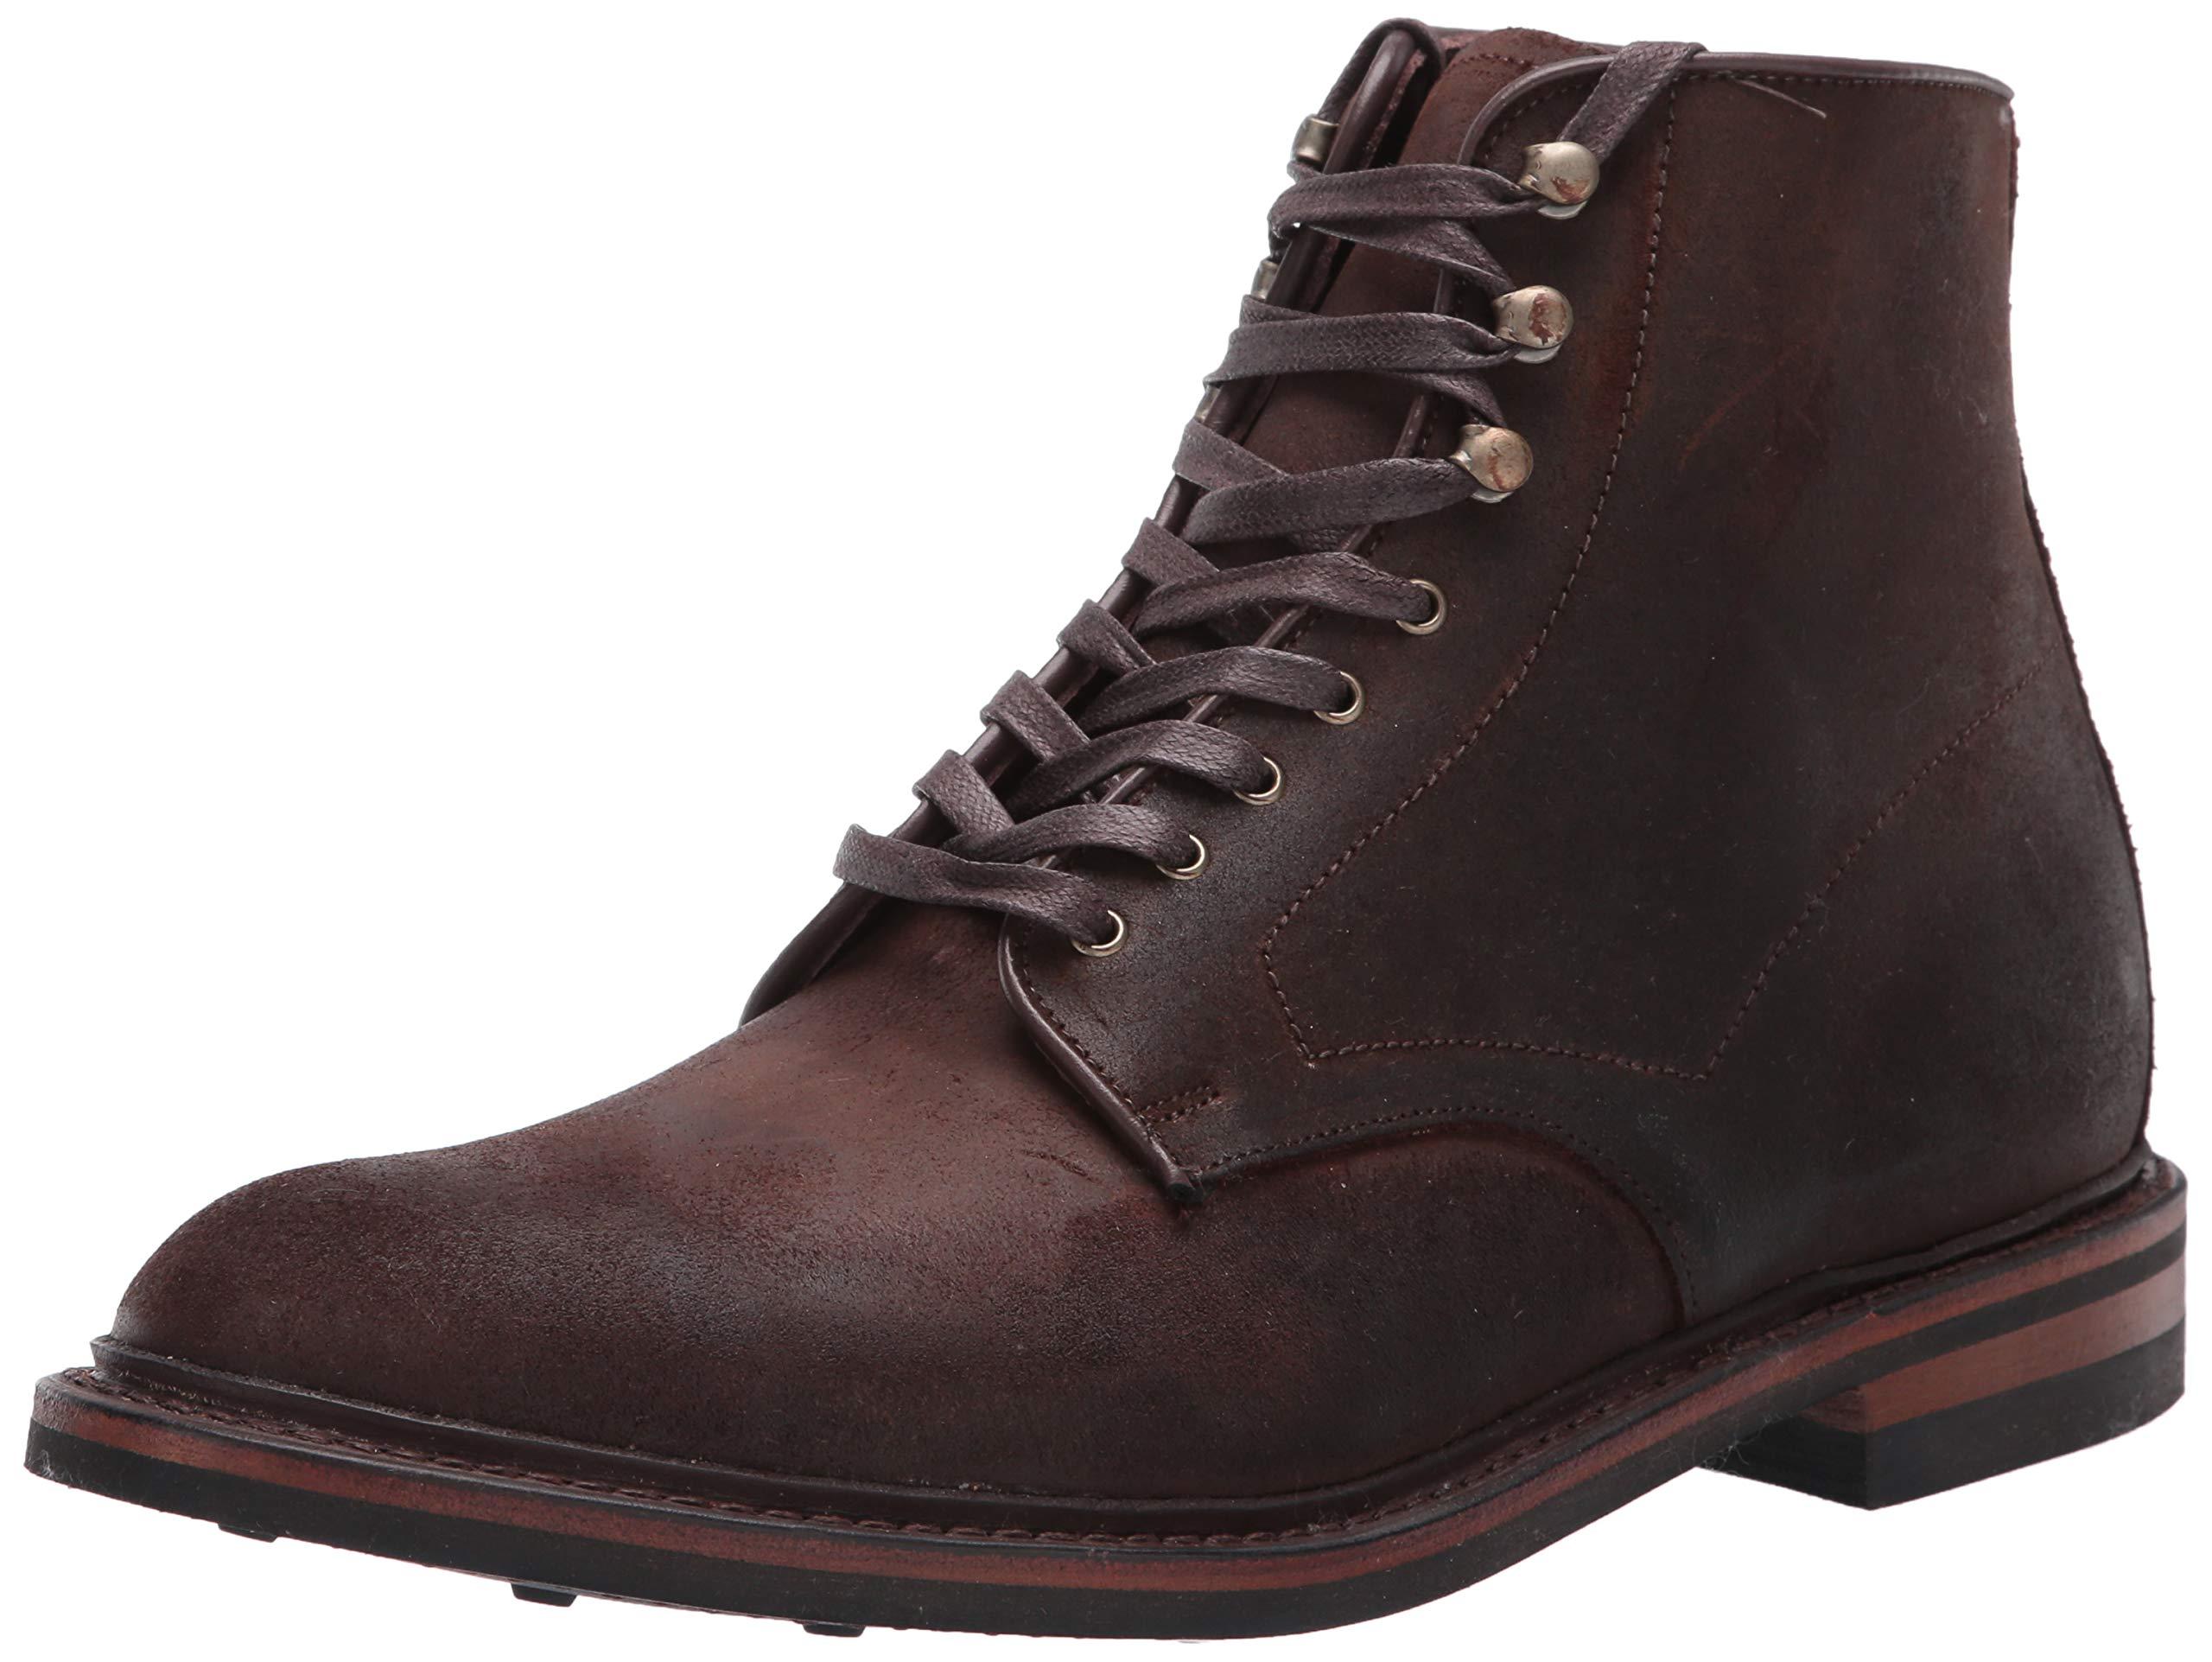 Allen Edmonds Men's Higgins Mill Backpacking Boot, Brown Rough Suede, 10 D US by Allen Edmonds